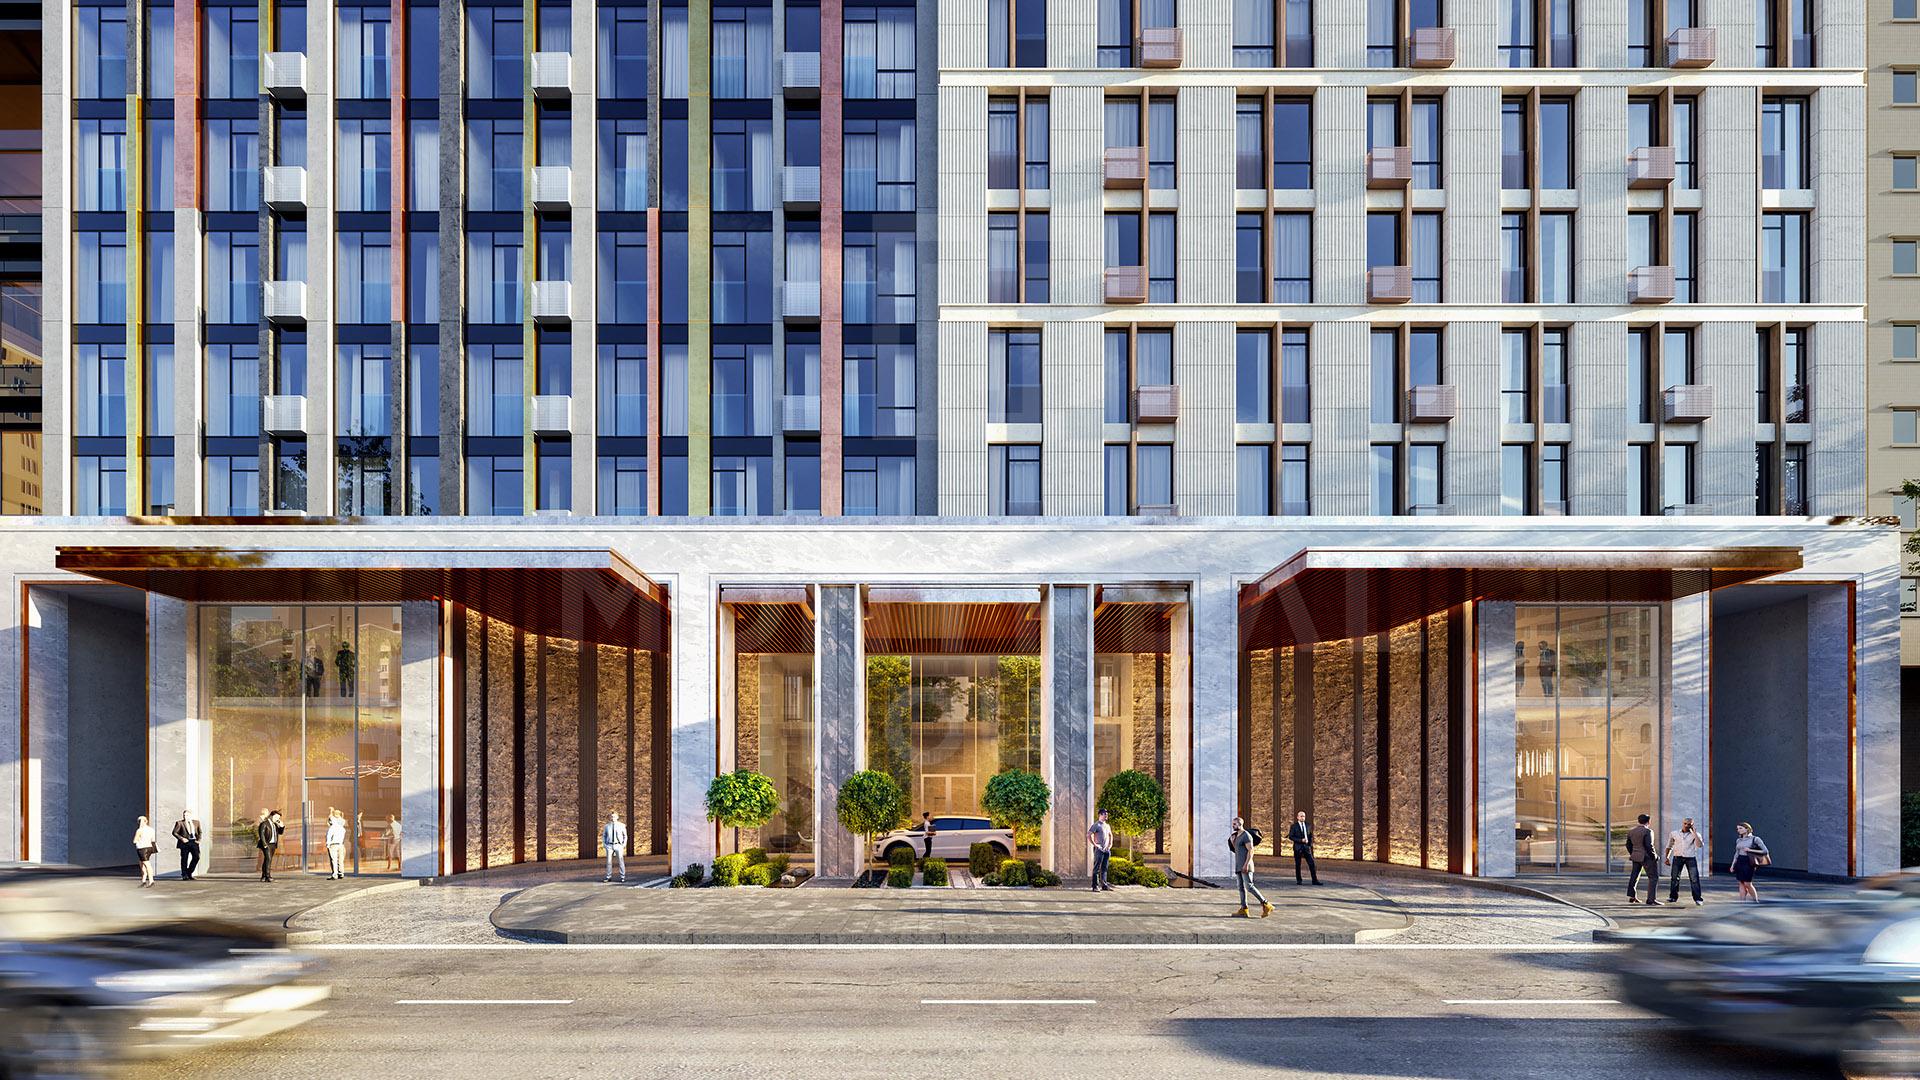 Отражение духа времени в современной архитектуре столицы в ЖК «Монреаль»